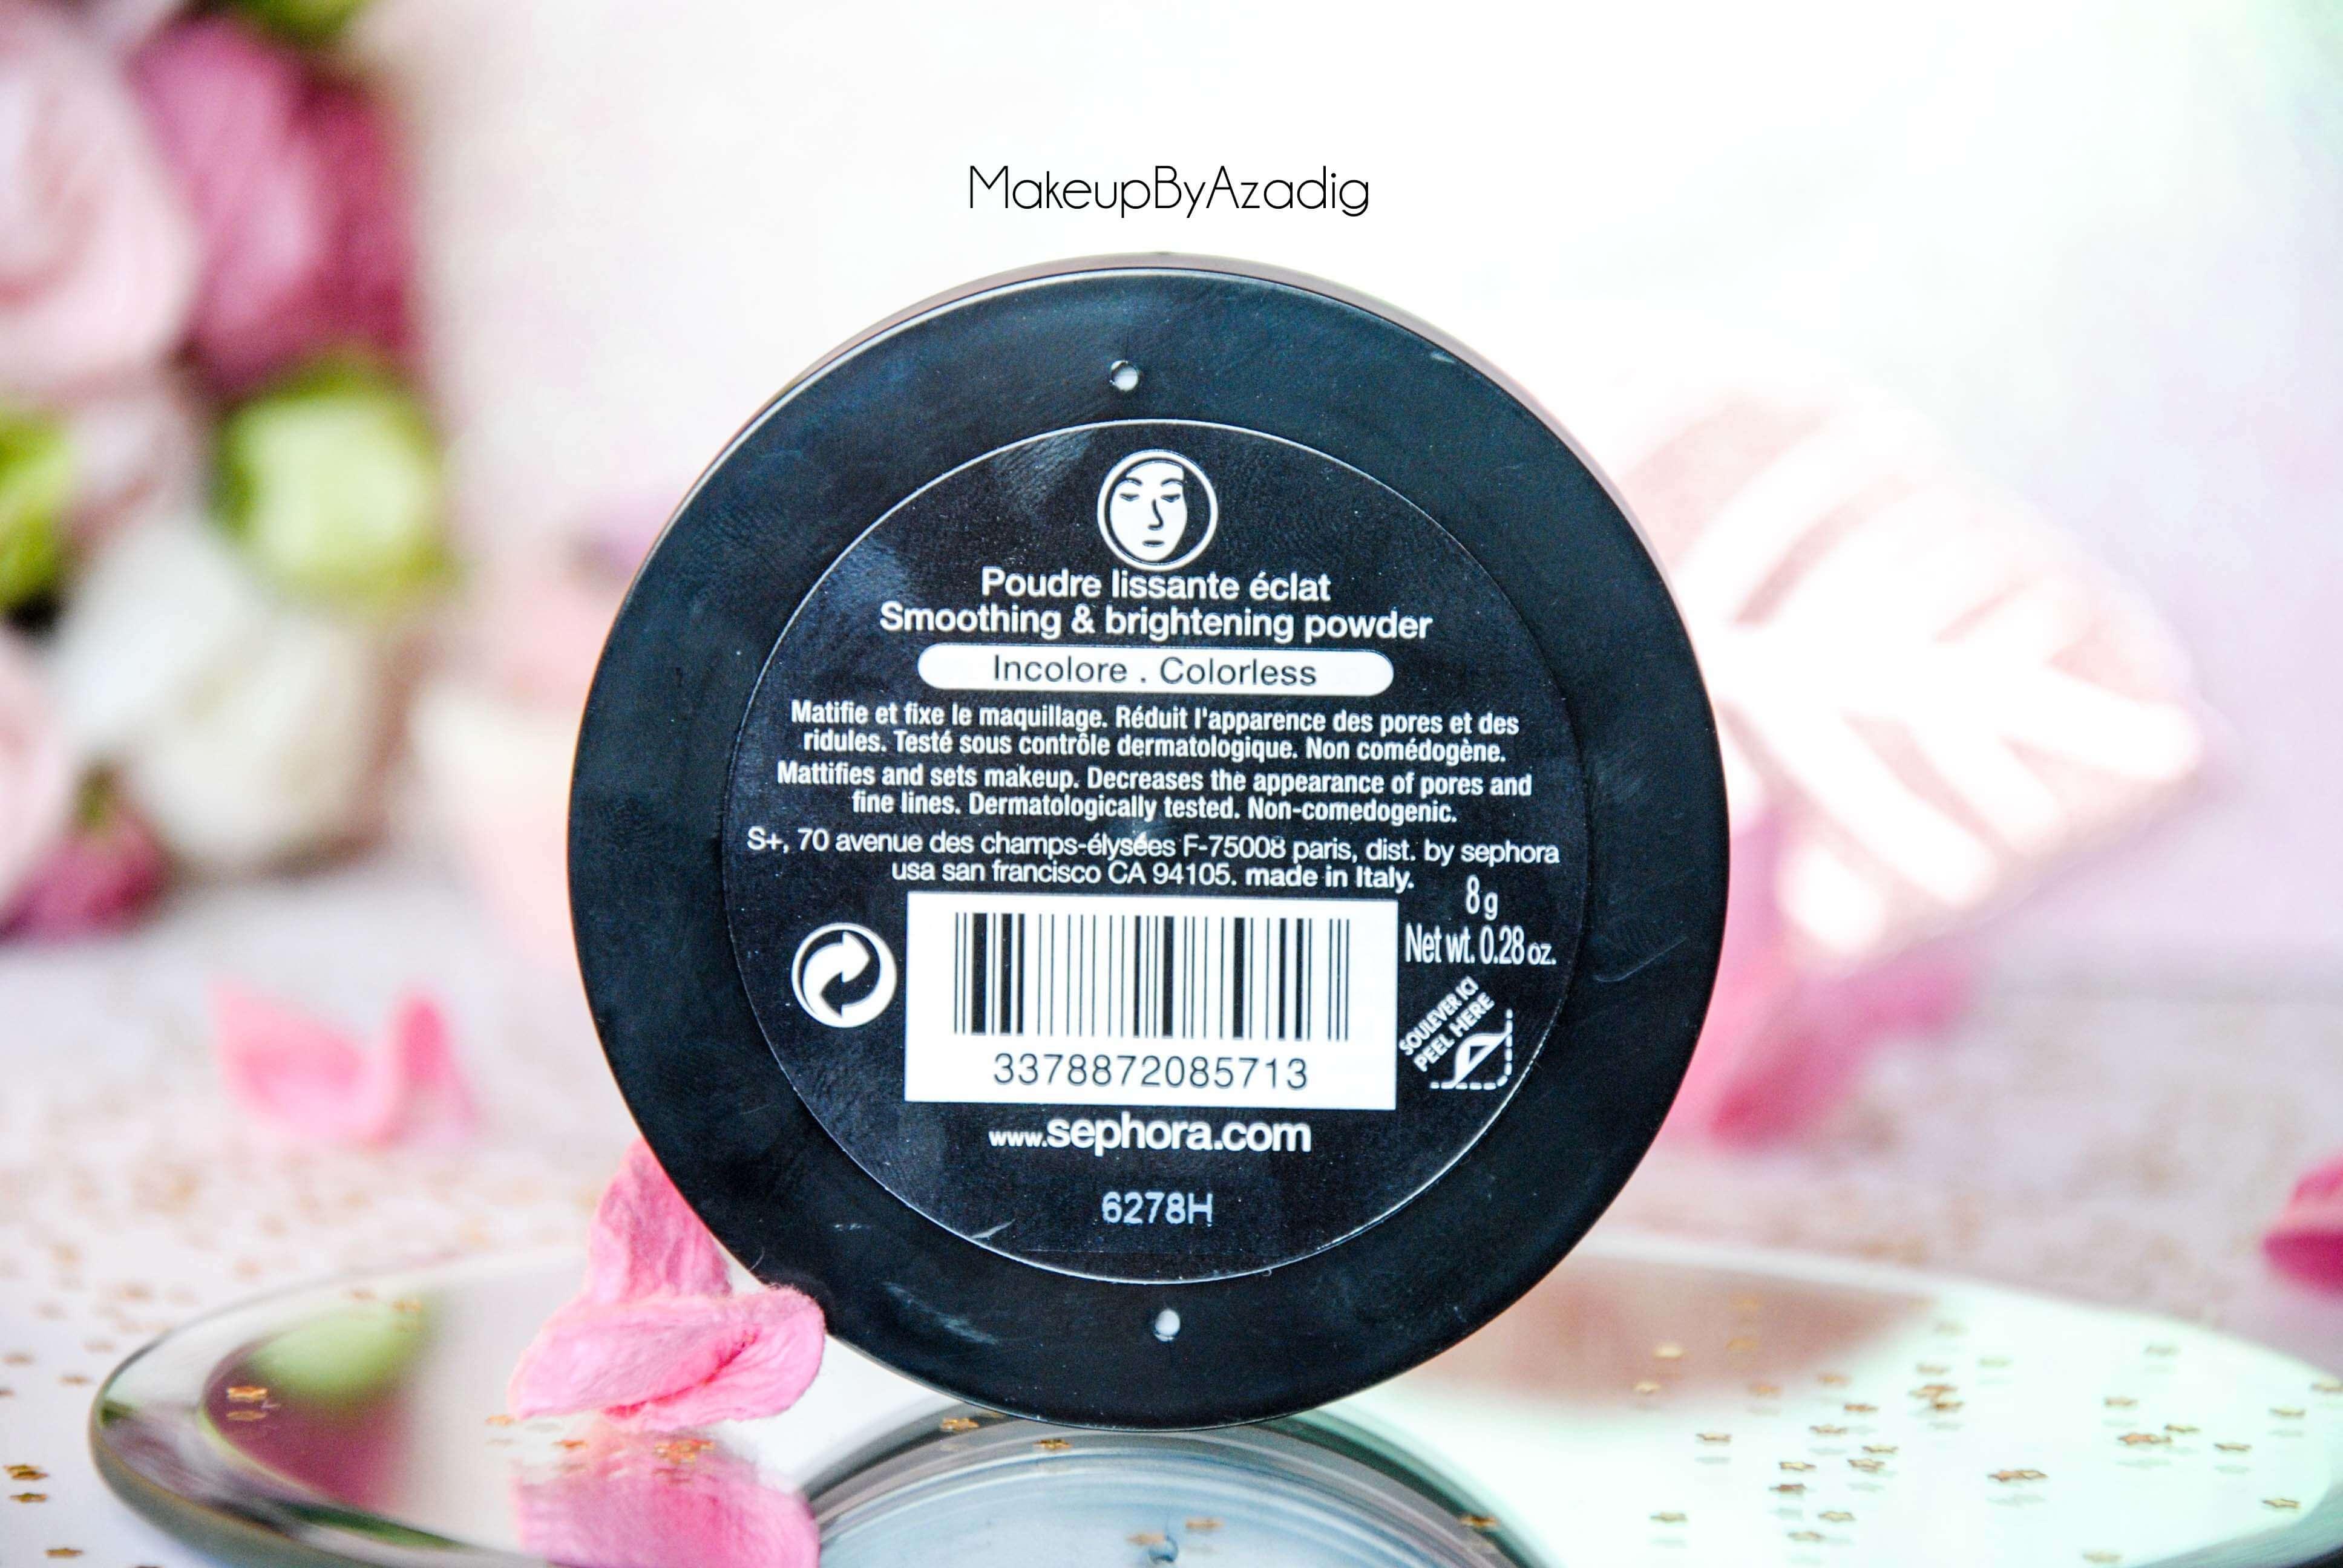 poudre-matifiante-beauty-amplifier-sephora-paris-makeupbyazadig-troyes-revue-avis-prix-incolore